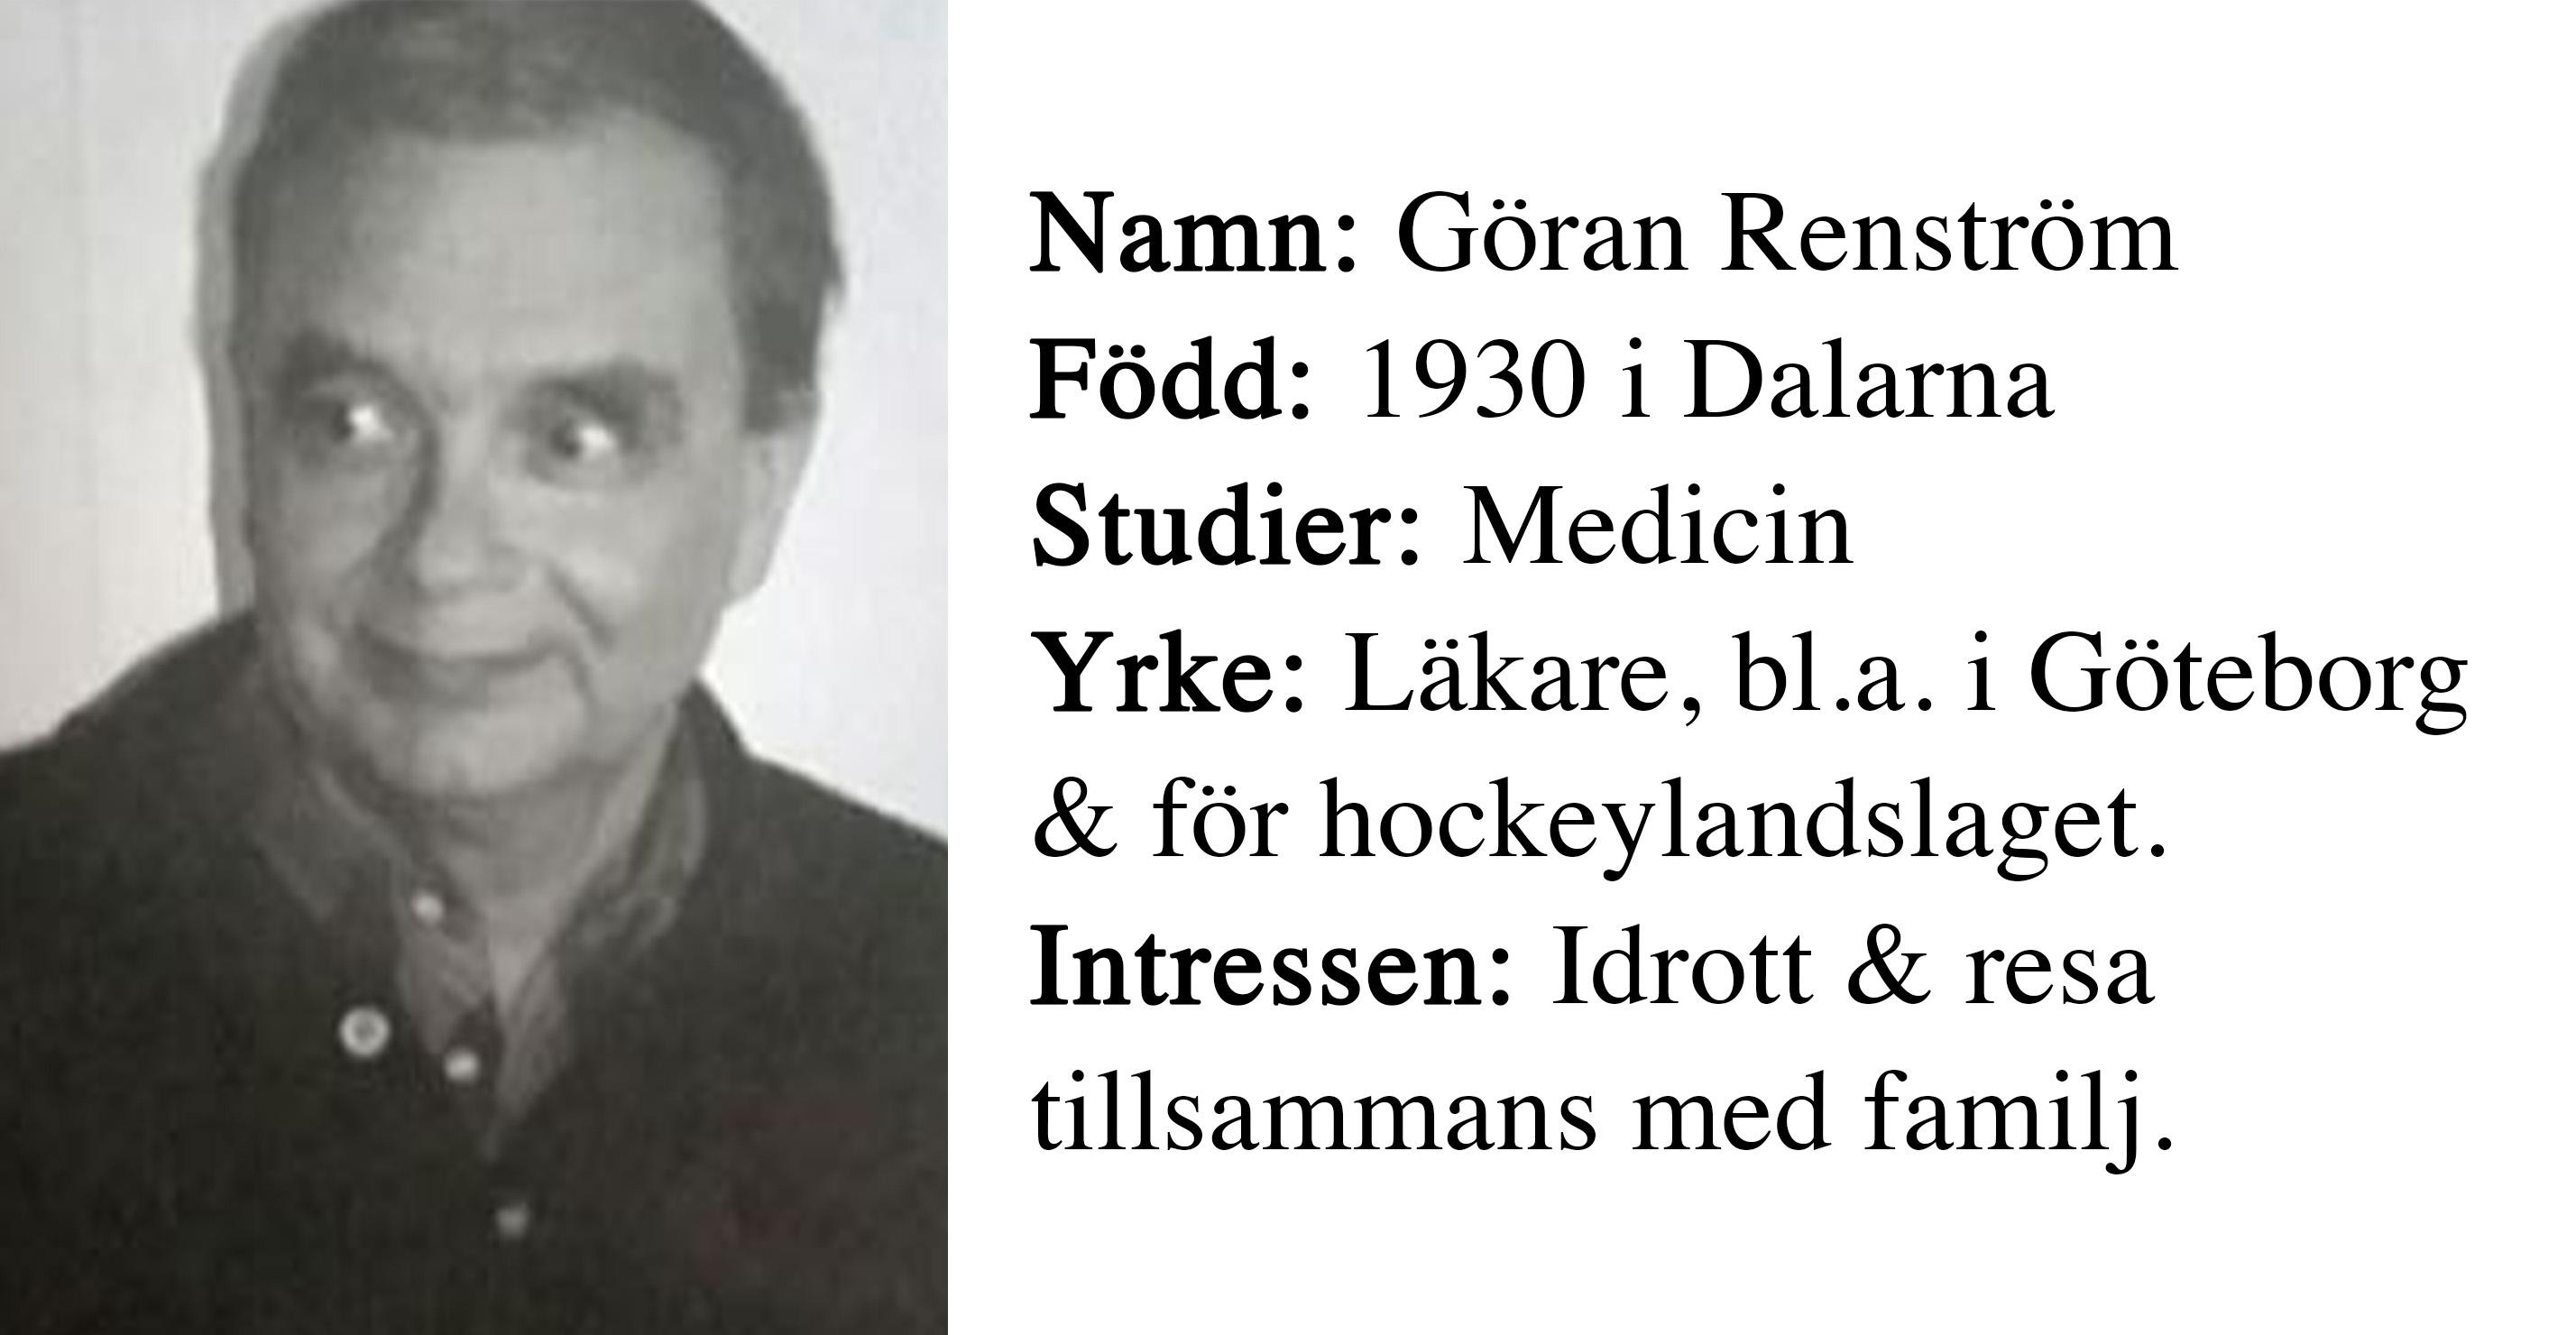 Izabella Renström